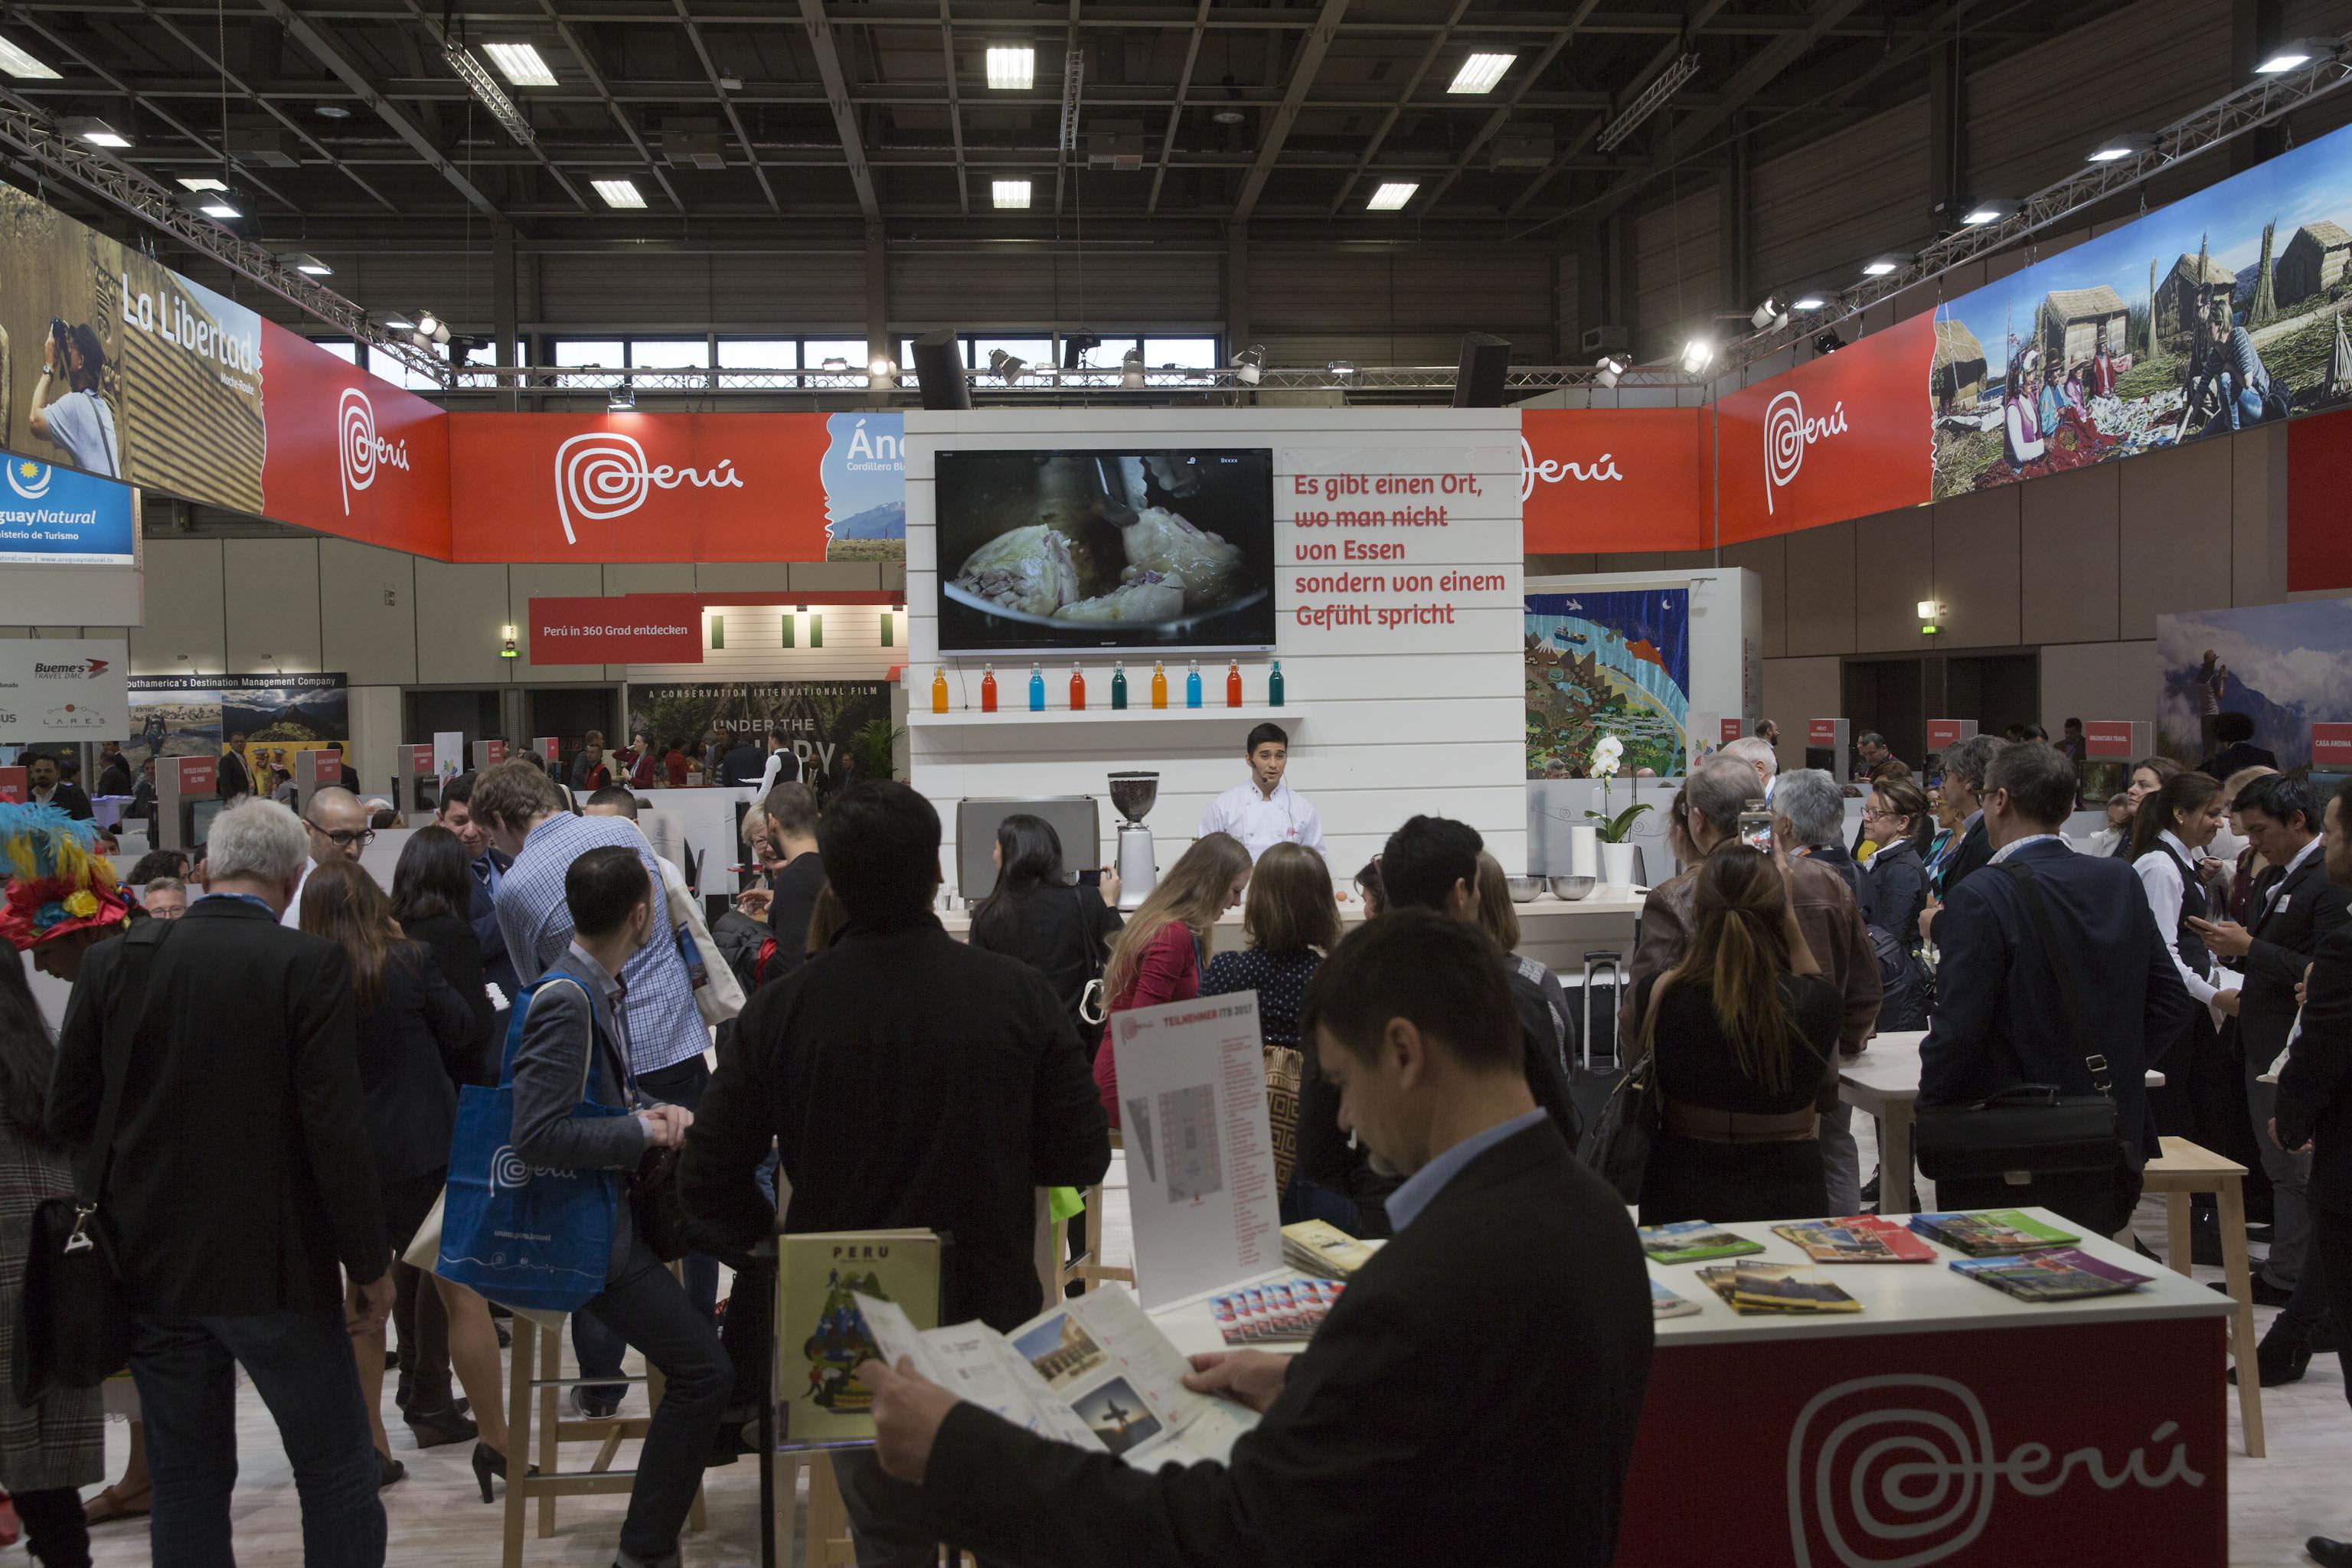 ITB2 - Peruvian presence impacted at the ITB Berlin fair